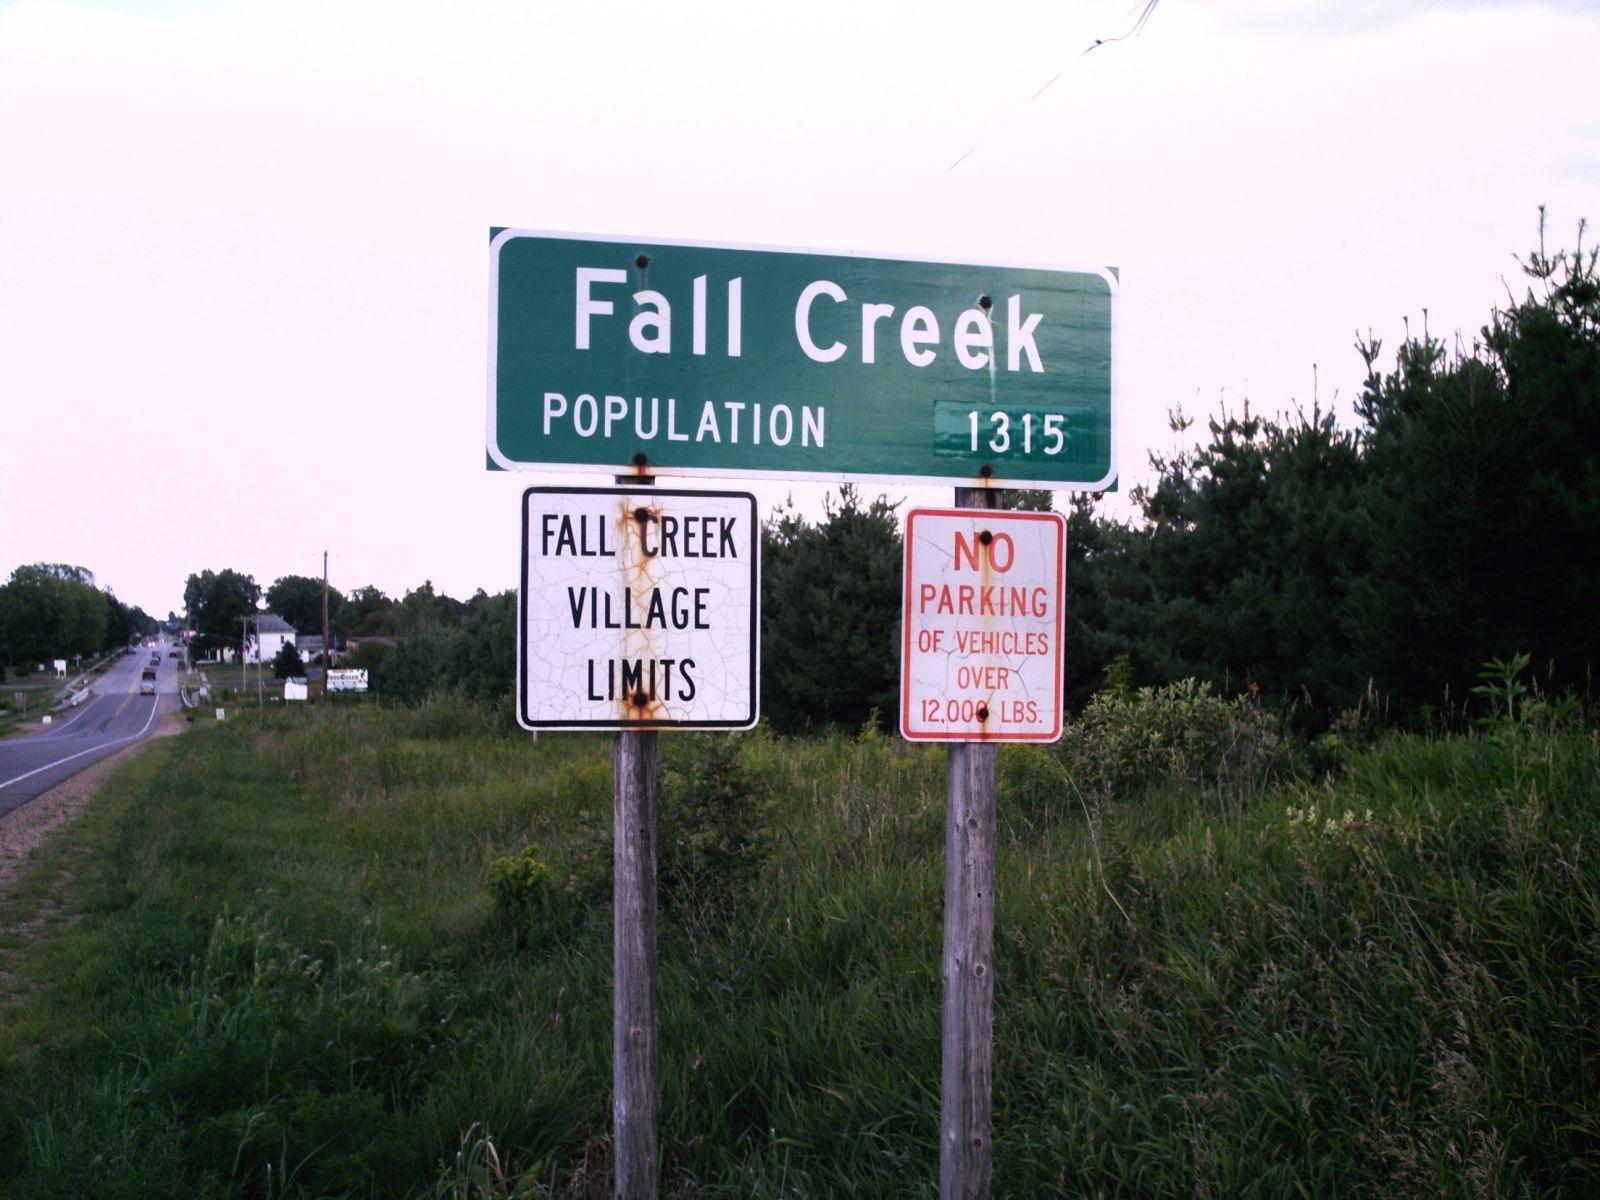 Village Limits